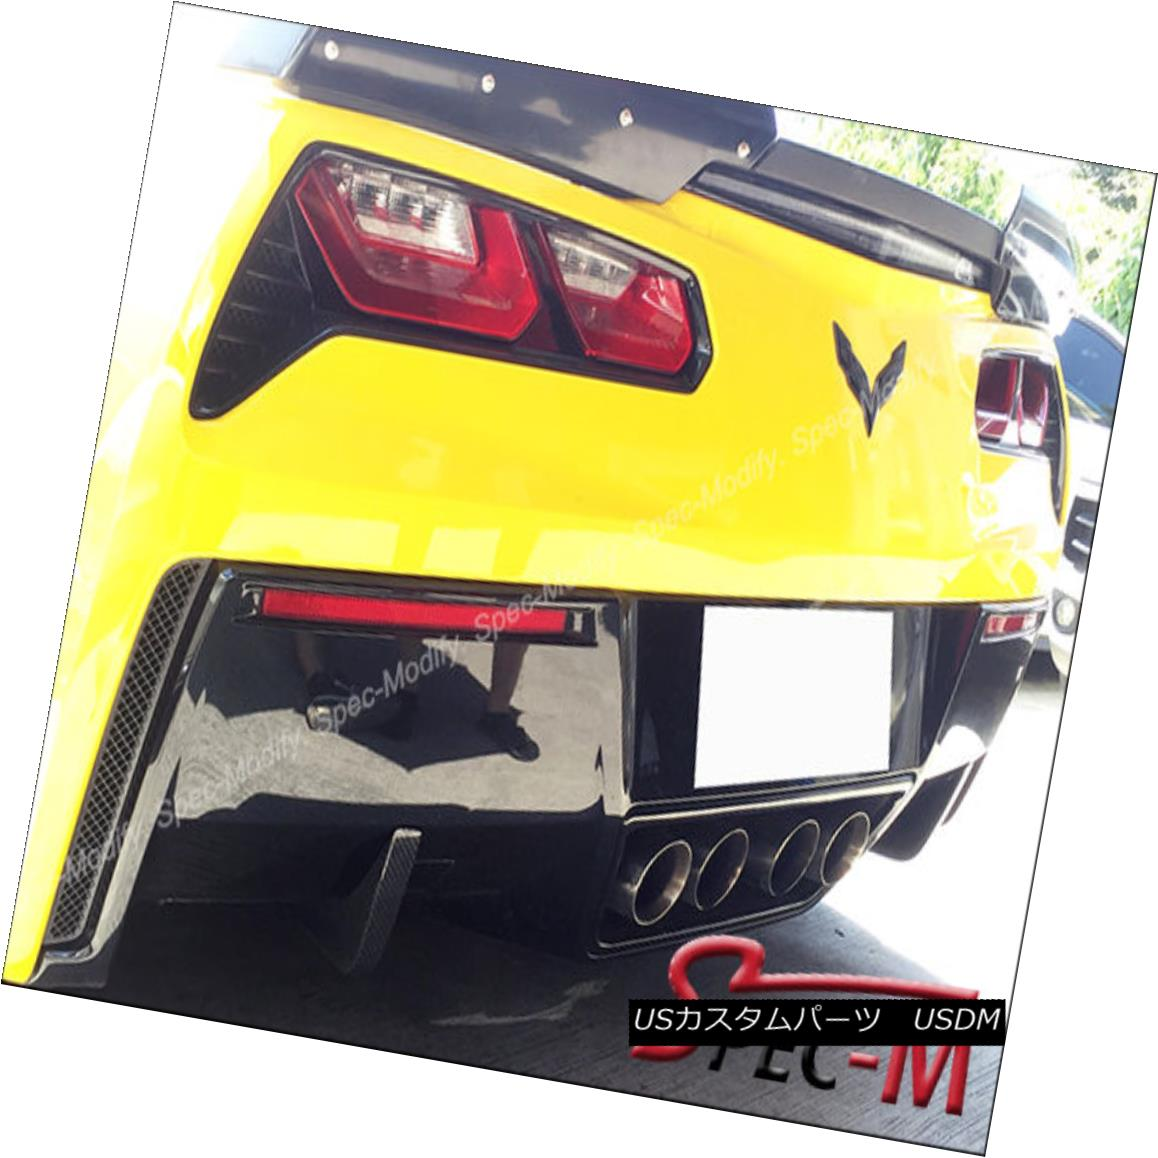 エアロパーツ 2014+ Corvette C7 Z06 Stingray Z51 JPM Carbon Fiber Rear Bumper Diffuser Fins 2014+コルベットC7 Z06スティングレイZ51 JPMカーボンファイバーリアバンパーディフューザーフィン